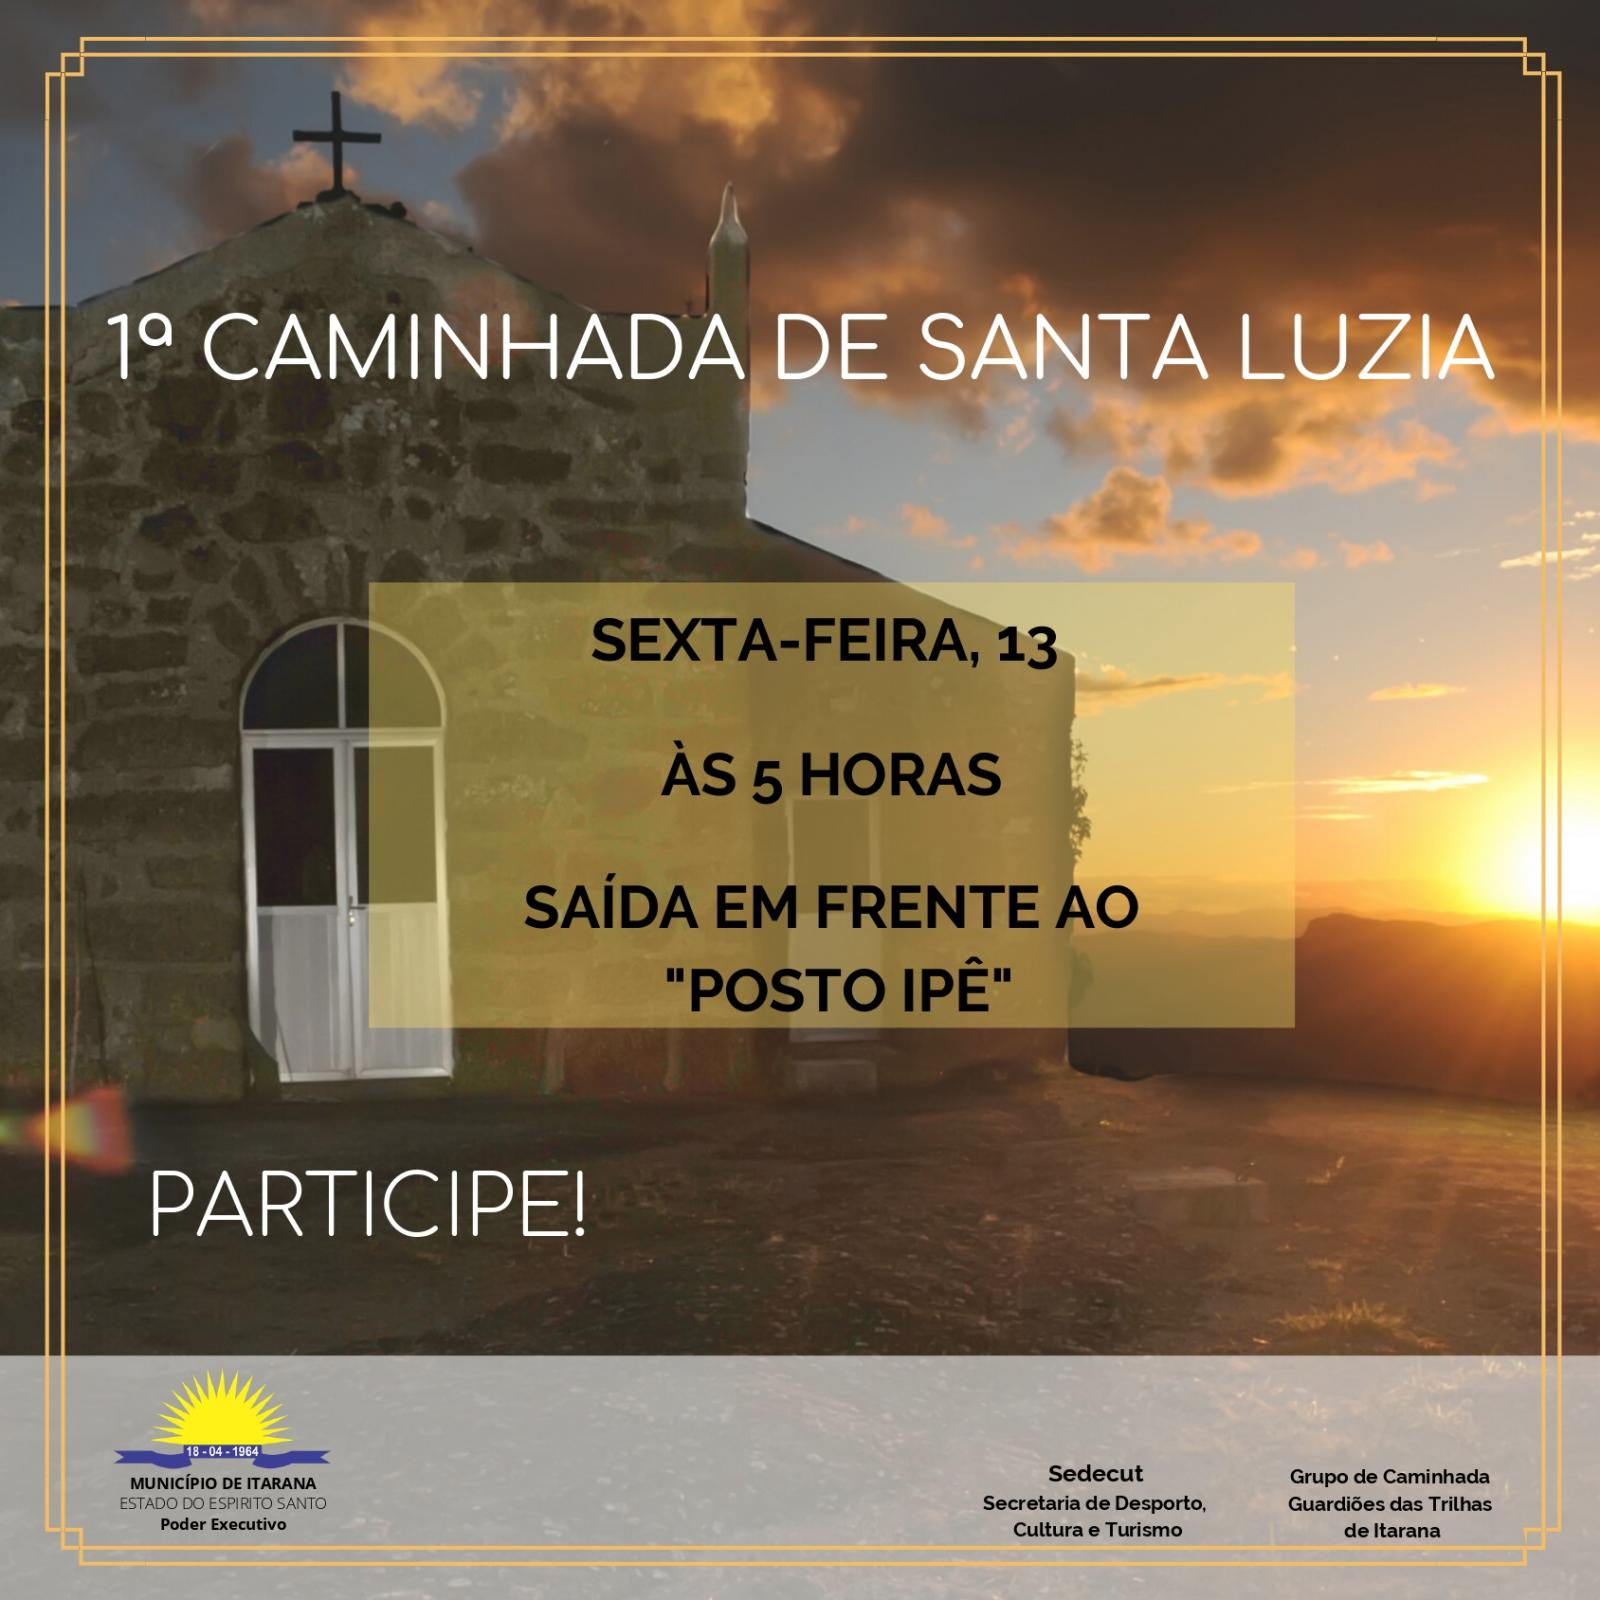 Caminhada à Capela de Santa Luzia pretende impulsionar o turismo de Itarana na próxima sexta-feira